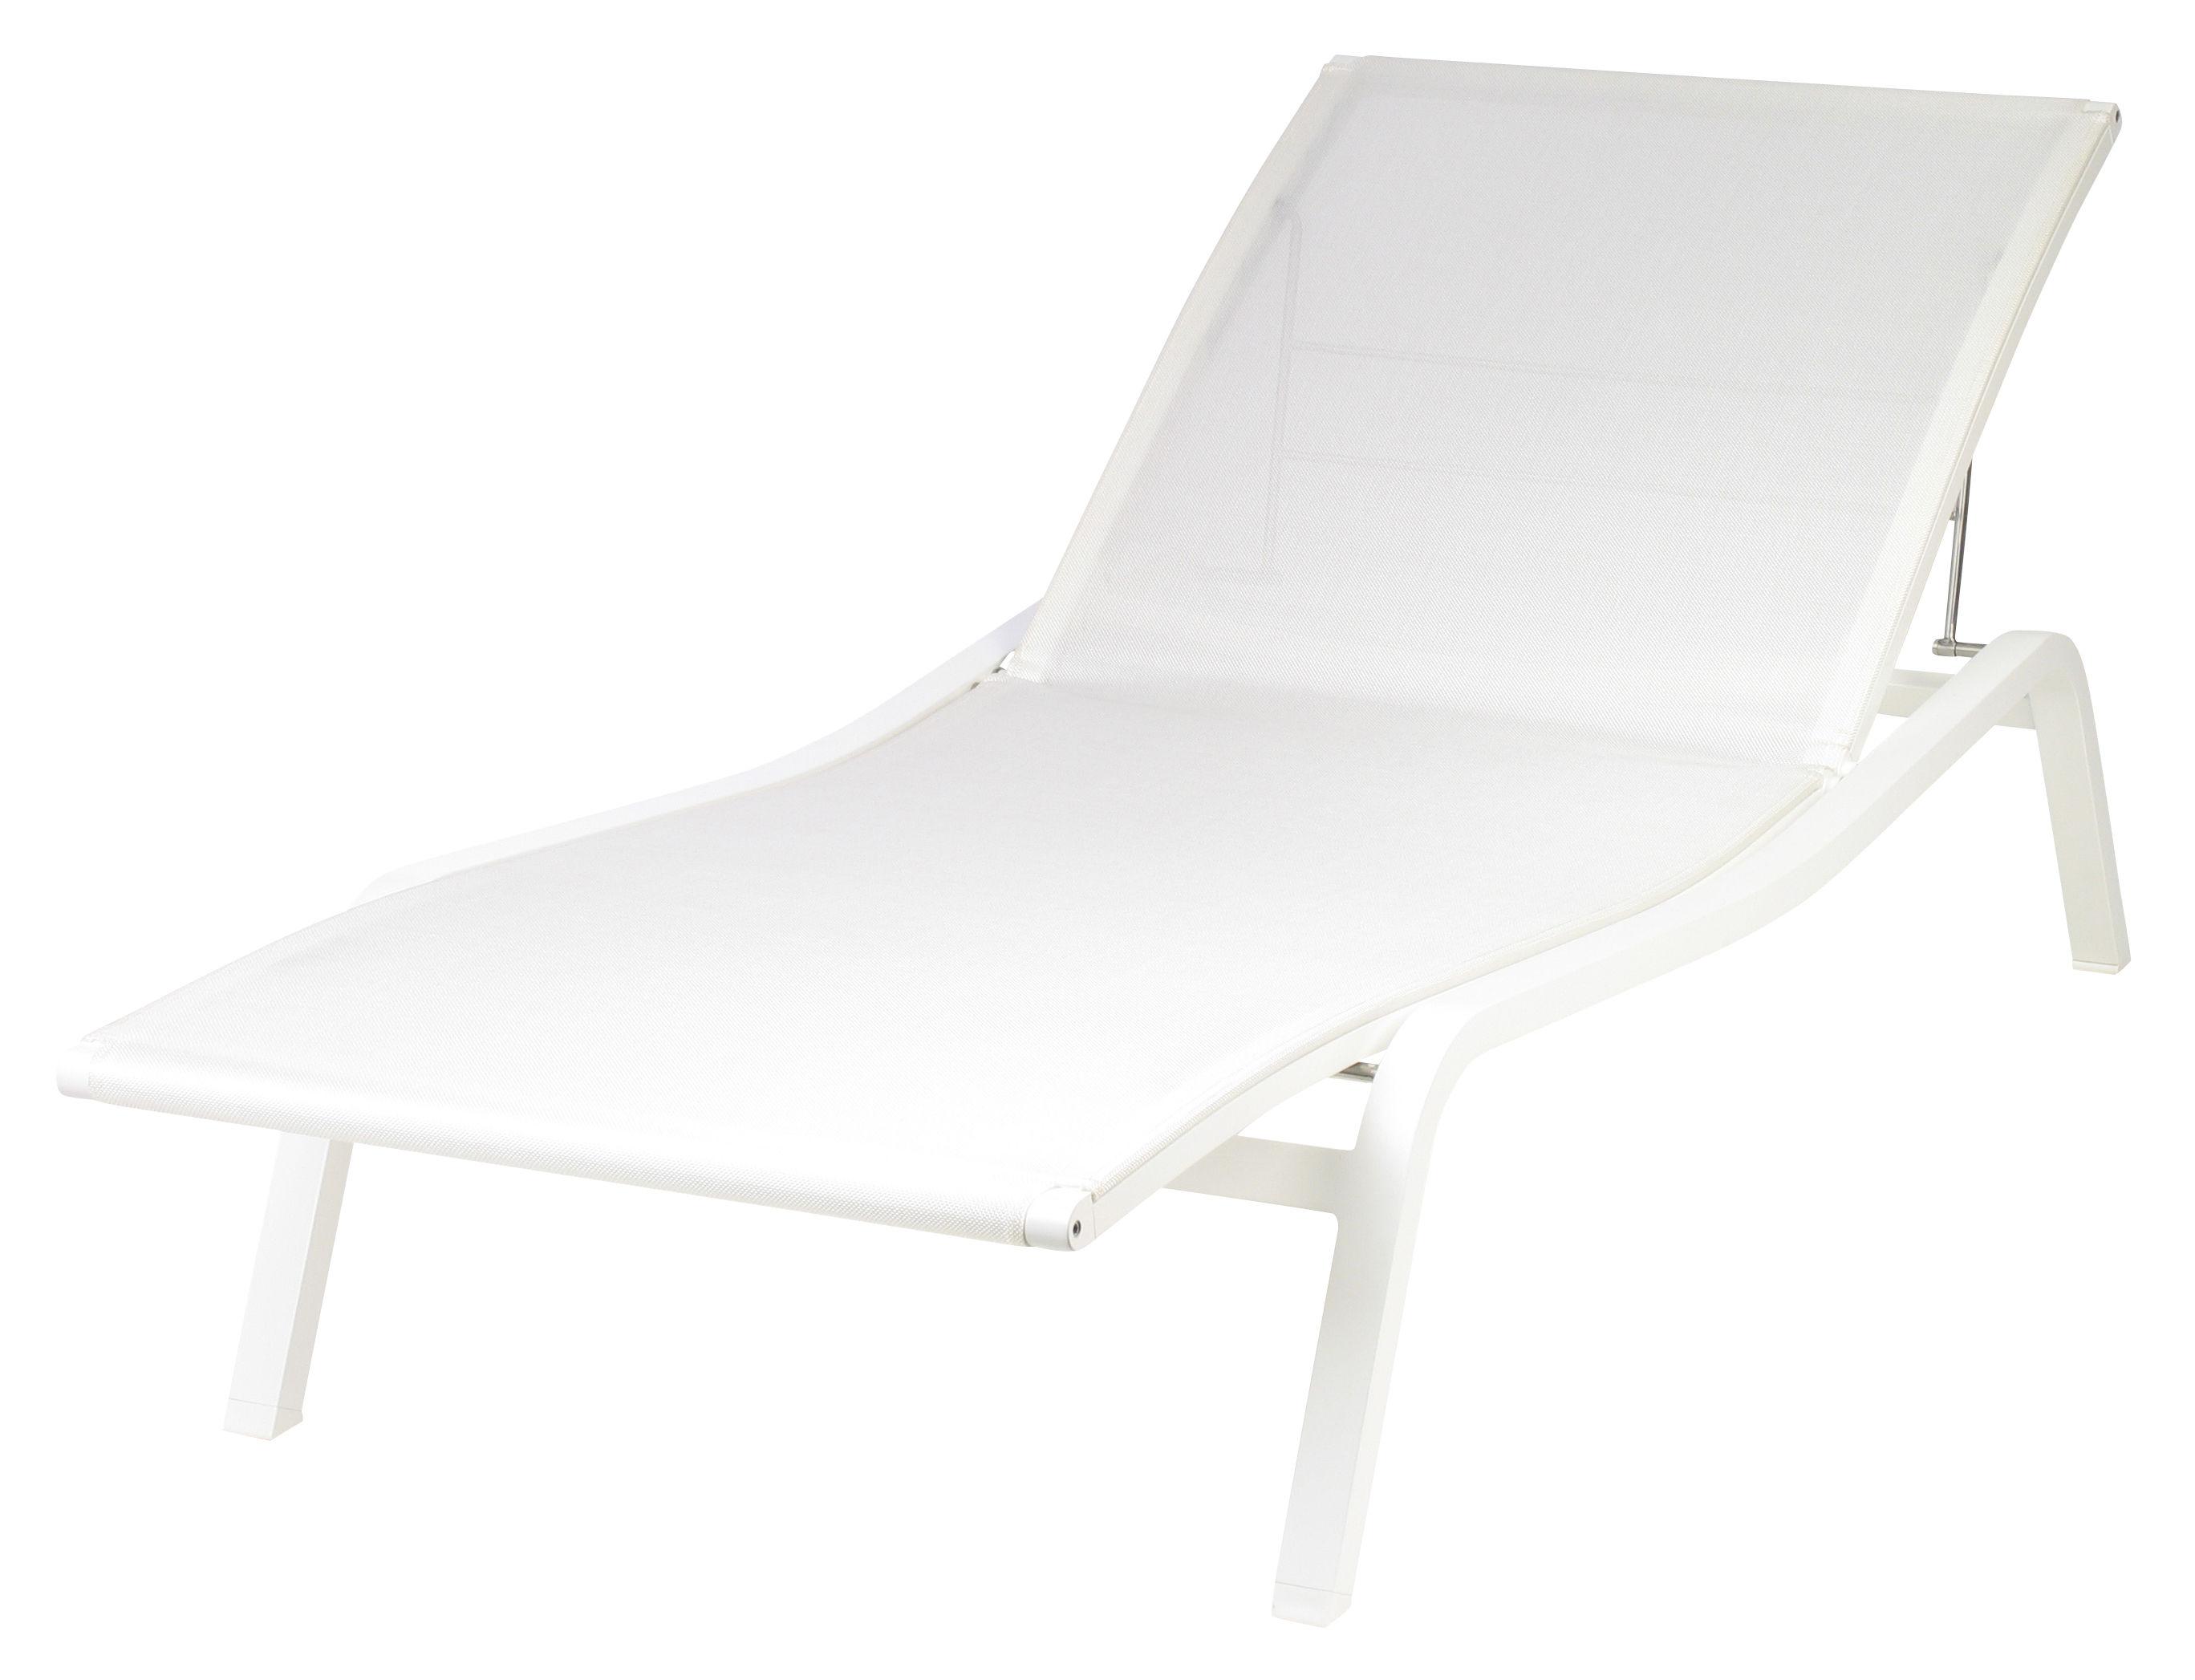 Outdoor - Sedie e Amache - Lettino da sole Alizé di Fermob - Bianco - Alluminio laccato, Tela poliestere